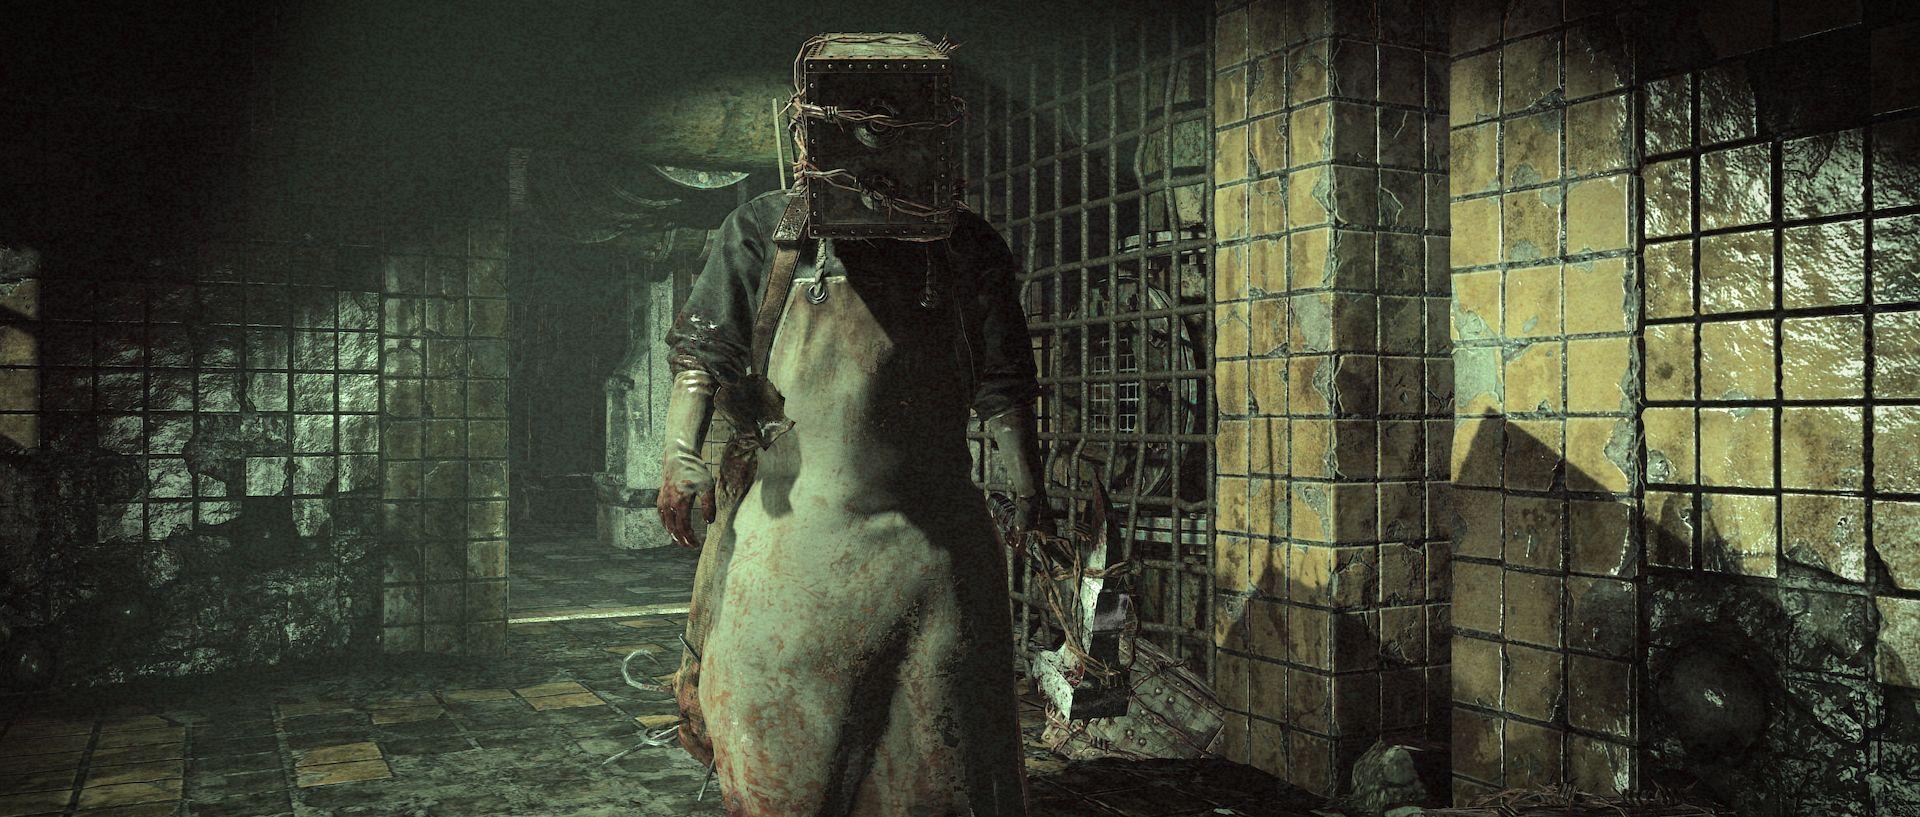 online boxman 1397466502 - 【画像】とある日本人女性、『E3』にてめちゃくちゃ注目を浴びてしまう 世界中でトレンドに